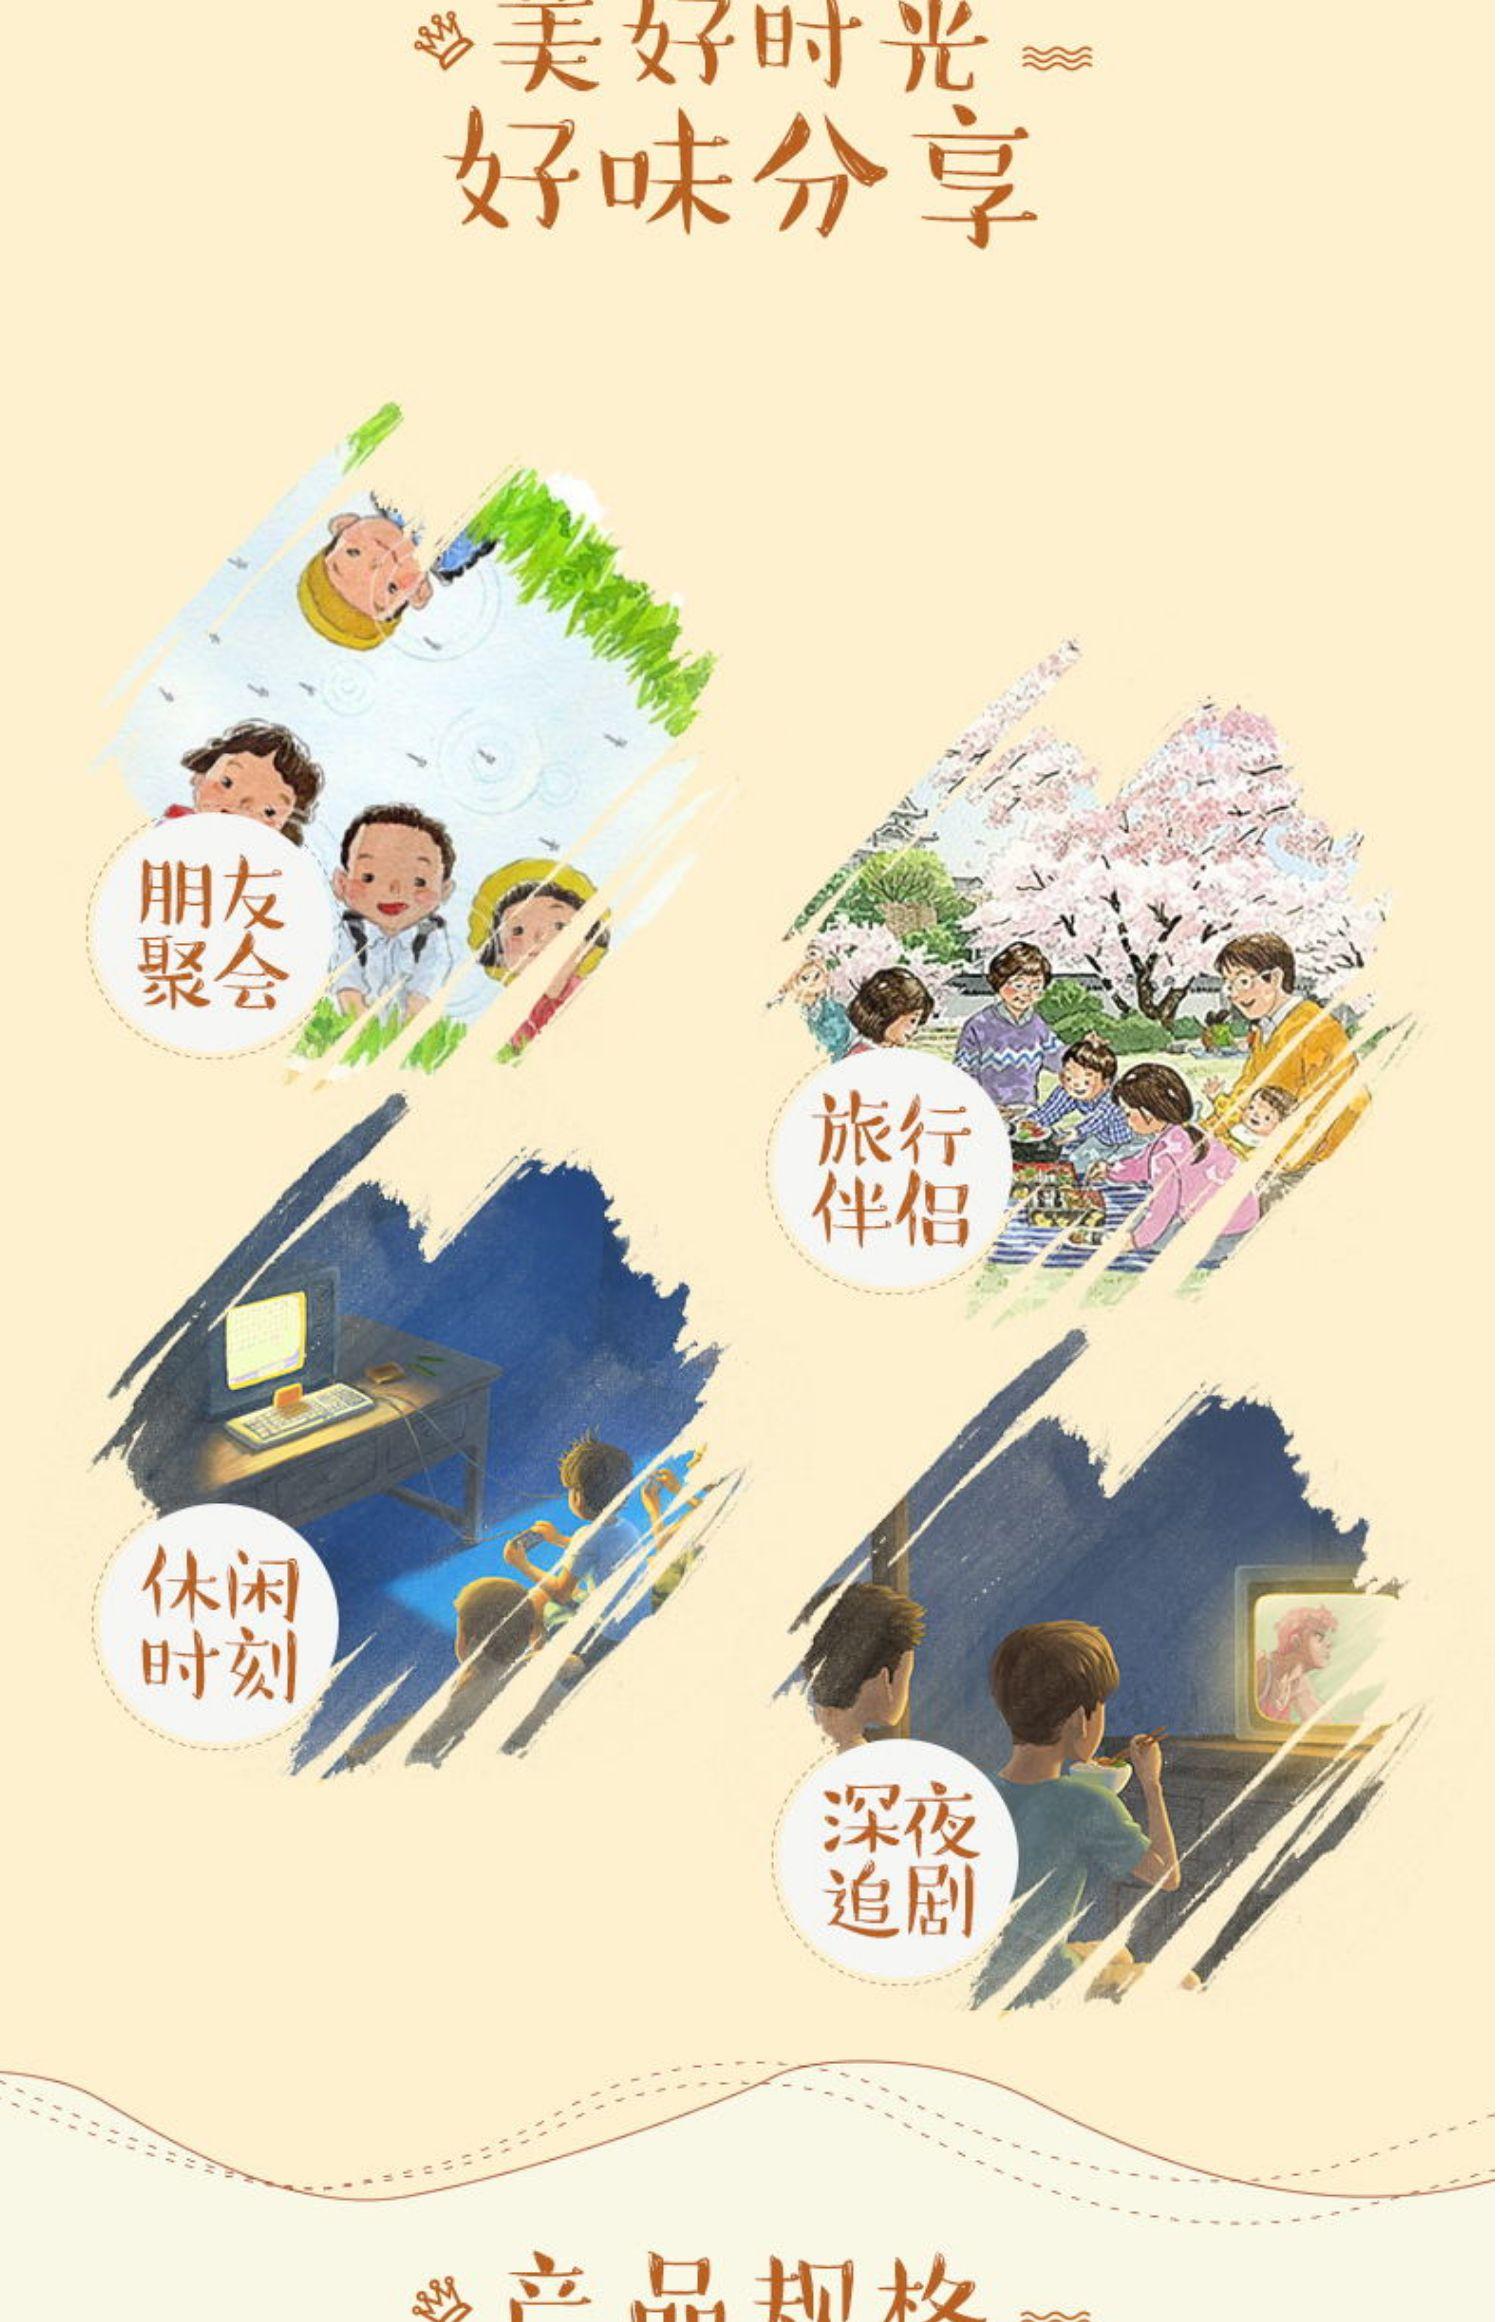 【高妆】手工山药脆片薯片50克*5袋 6